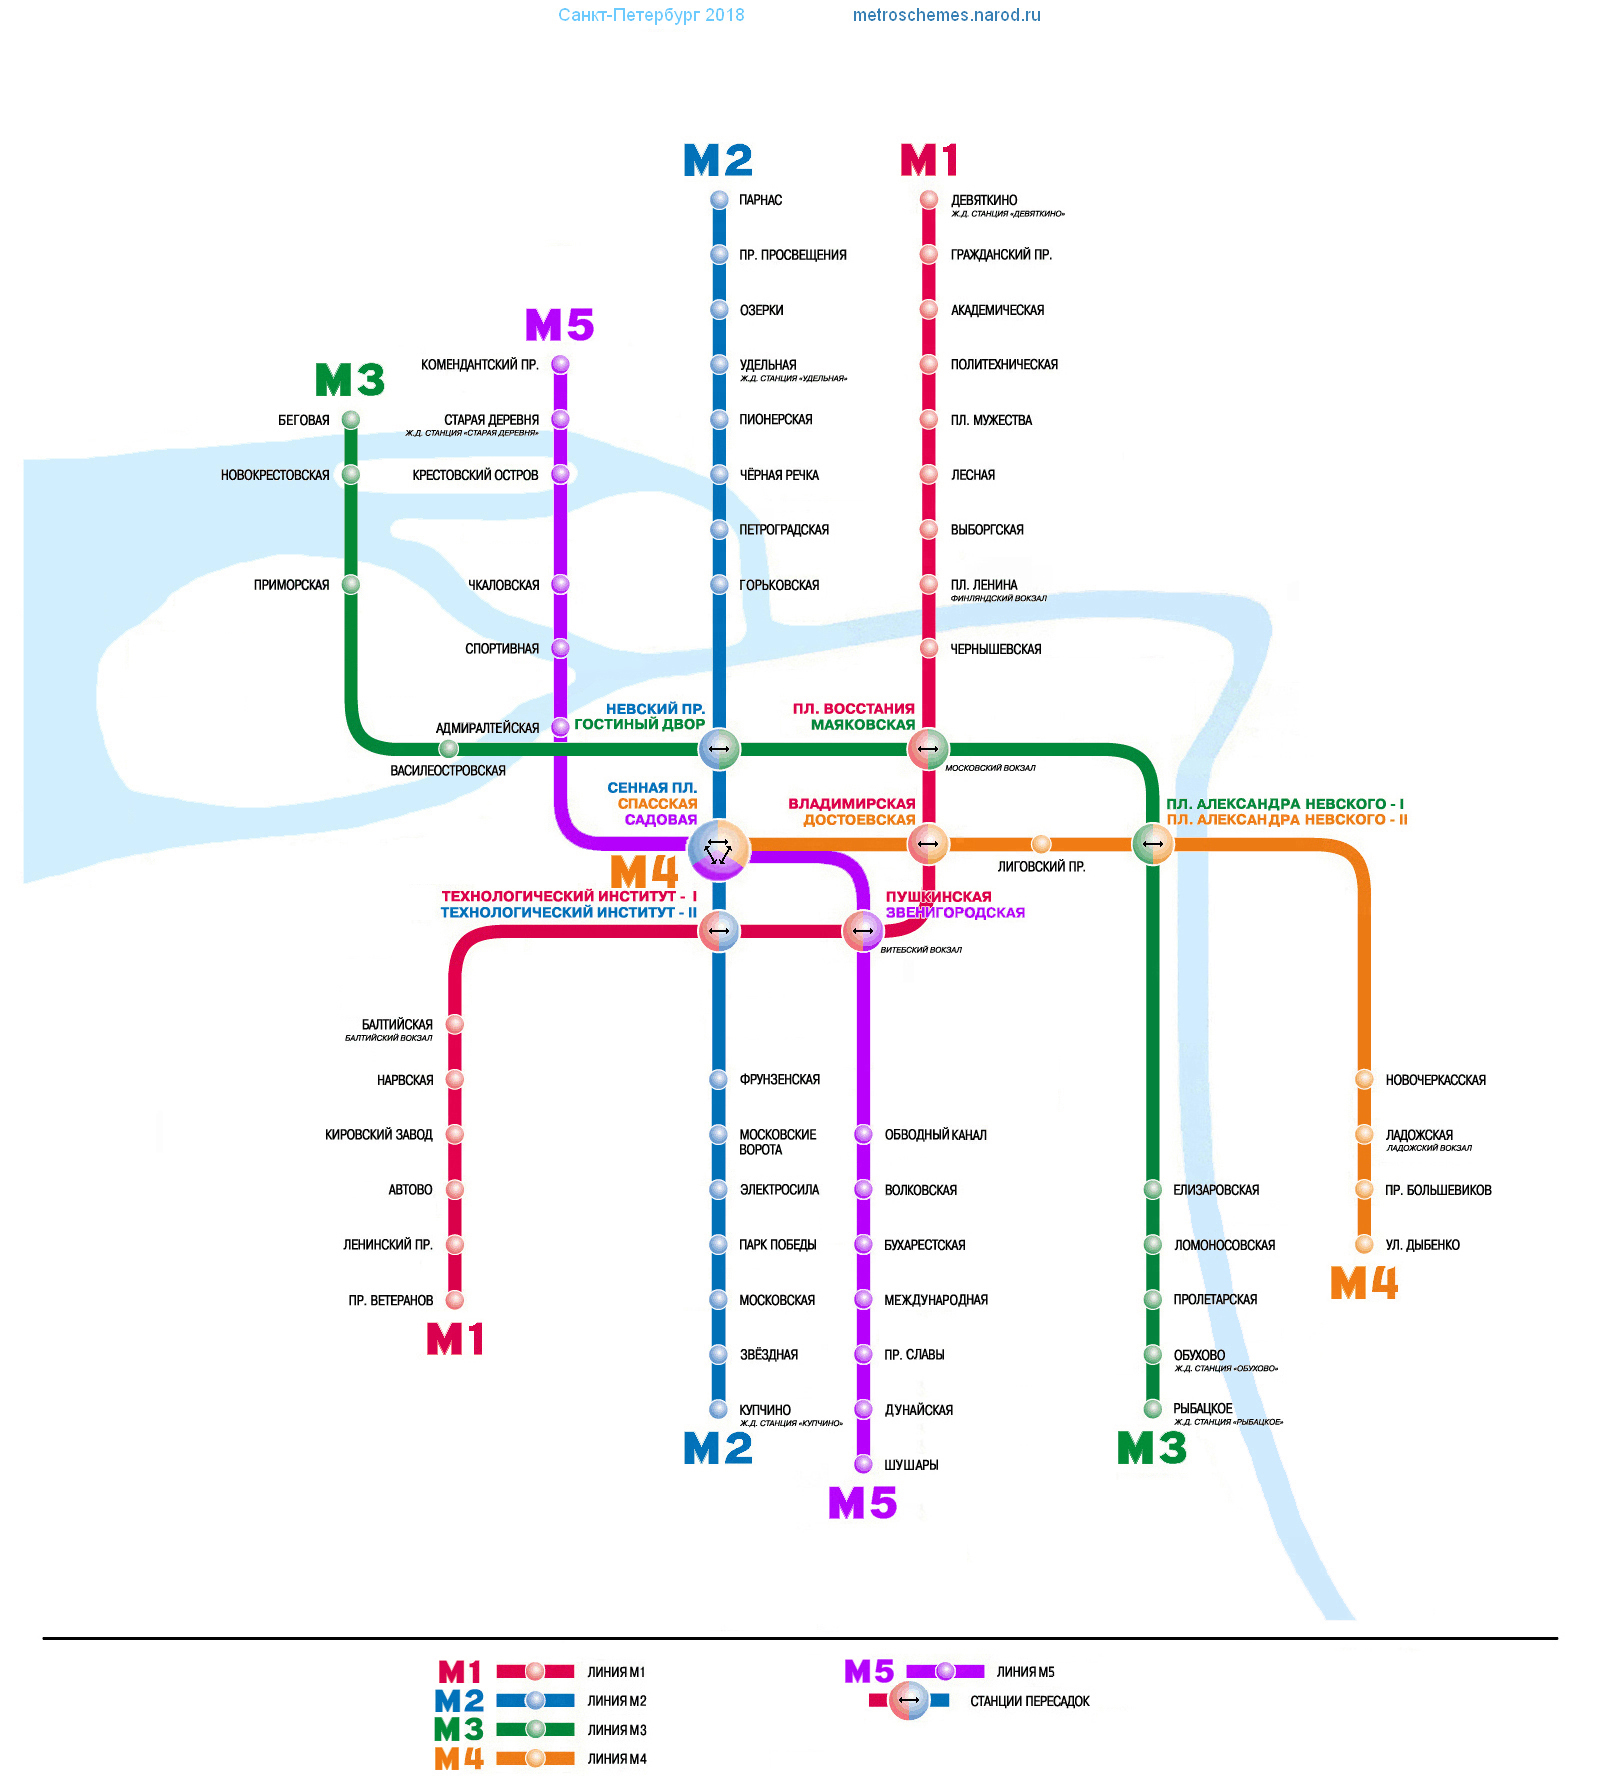 Зоопарк санкт-петербурге официальный ближайшее метро